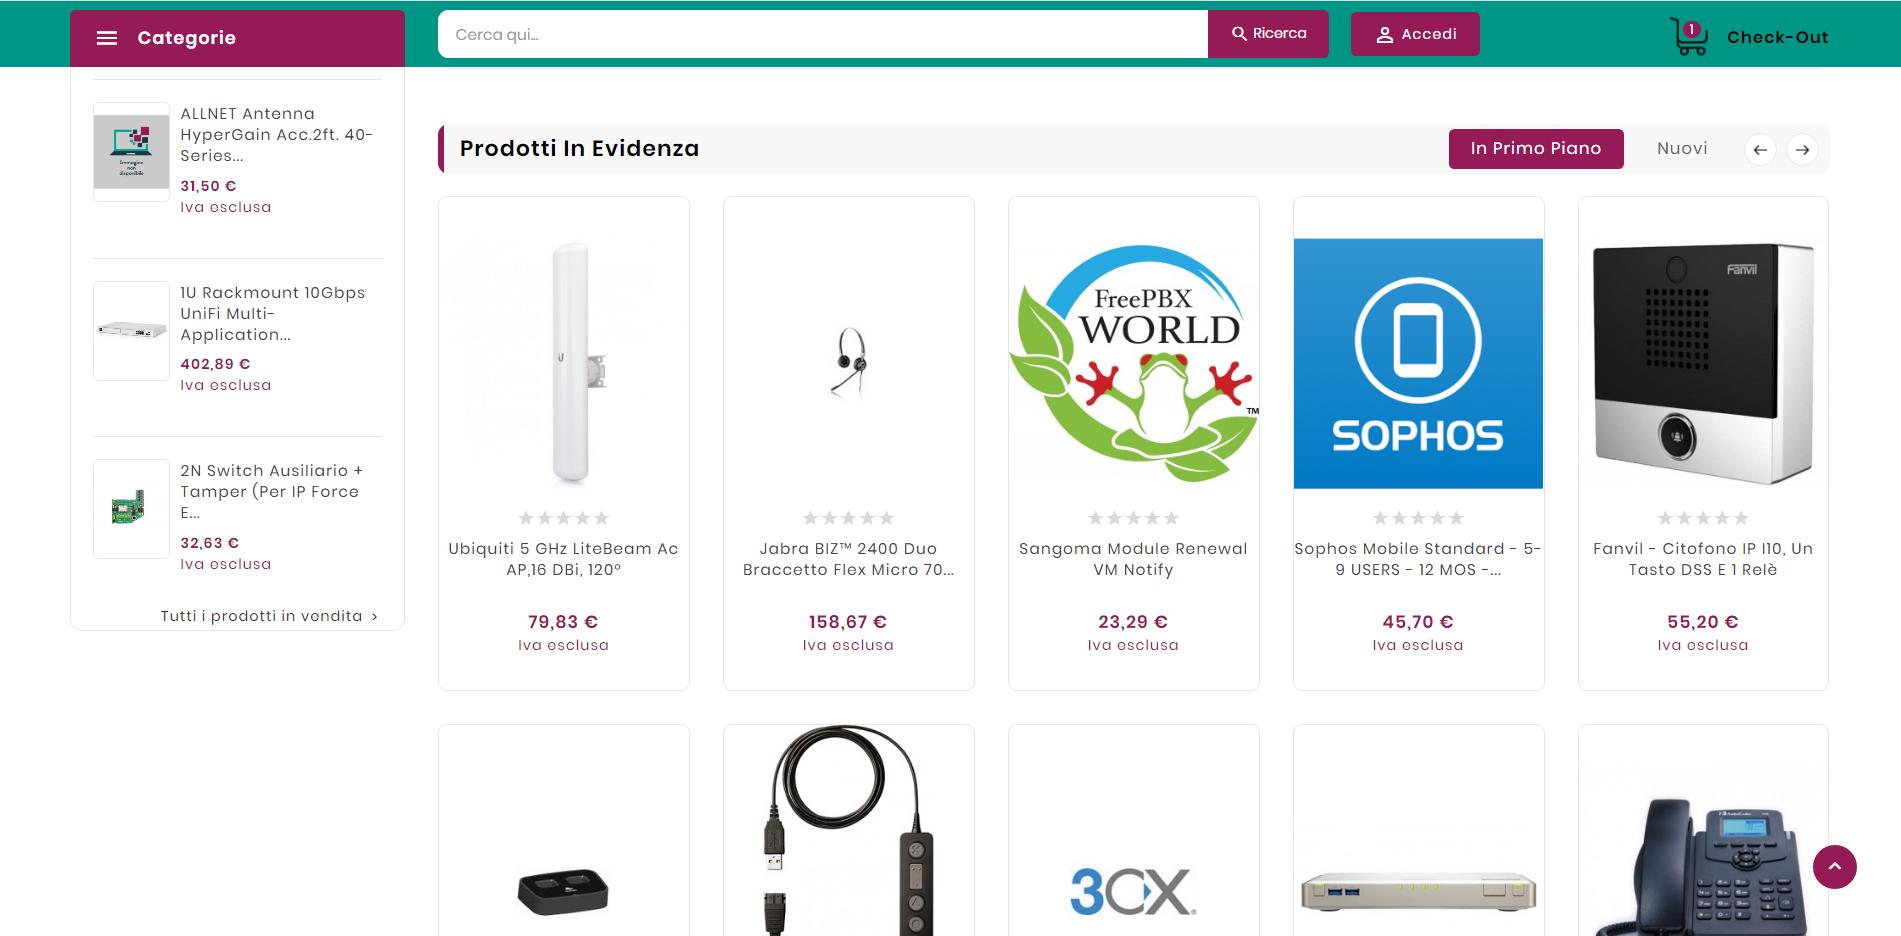 screenshot pagina prodotti sito smartworkingstore.com